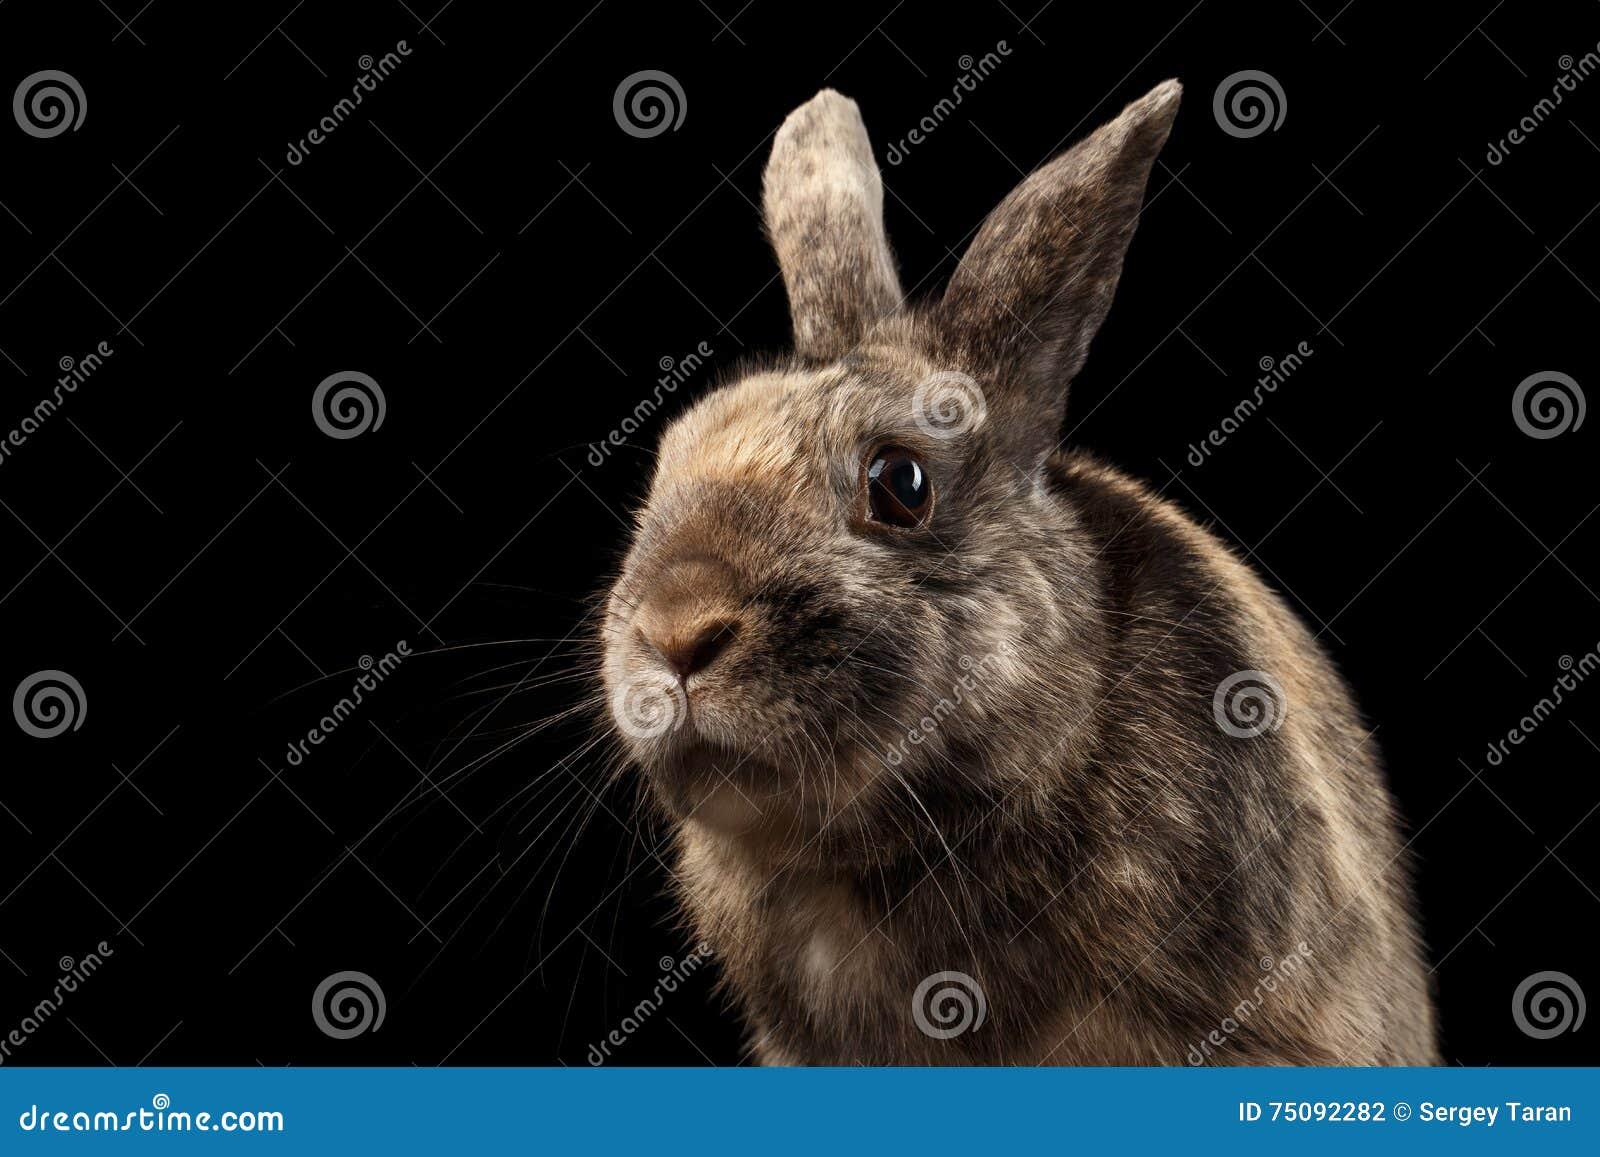 Grappige close-up Weinig konijn, Bruin die Bont, op Zwarte Achtergrond wordt geïsoleerd